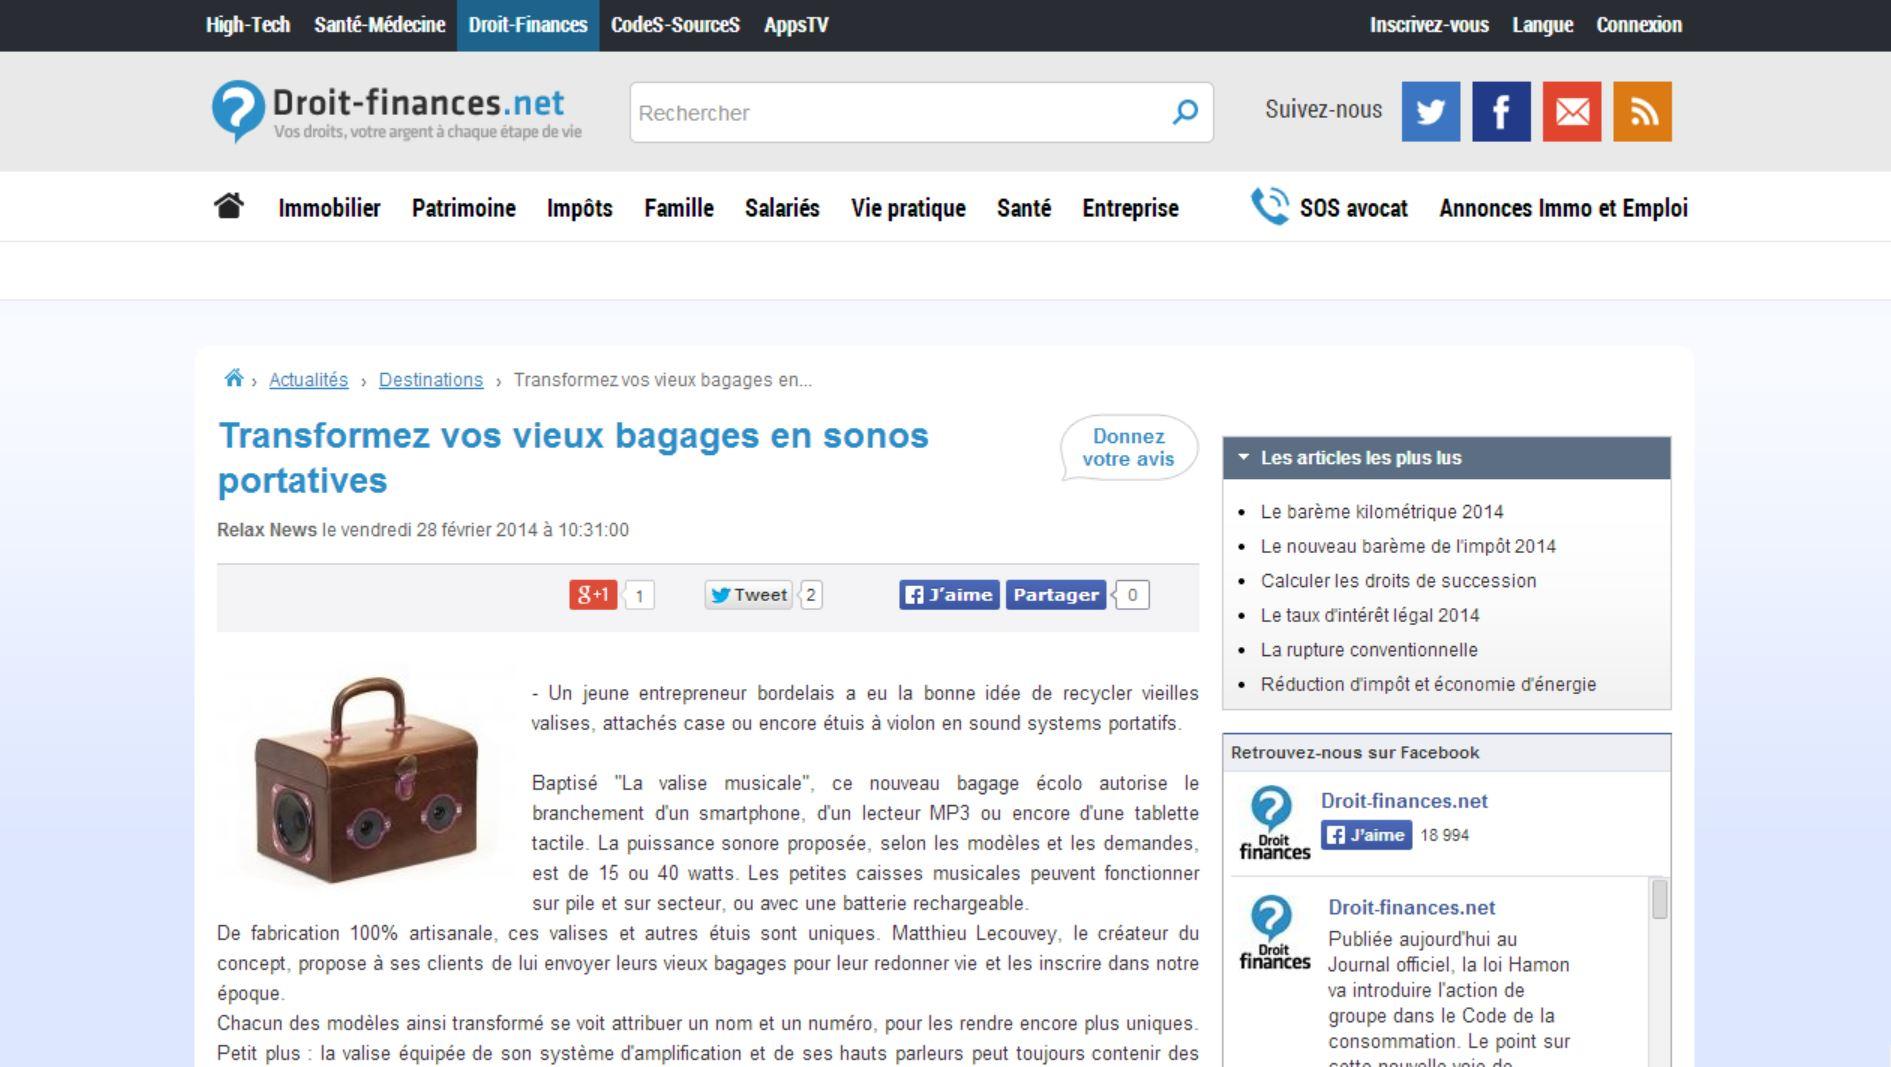 Valise Musicale chez CommentCaMarche.net